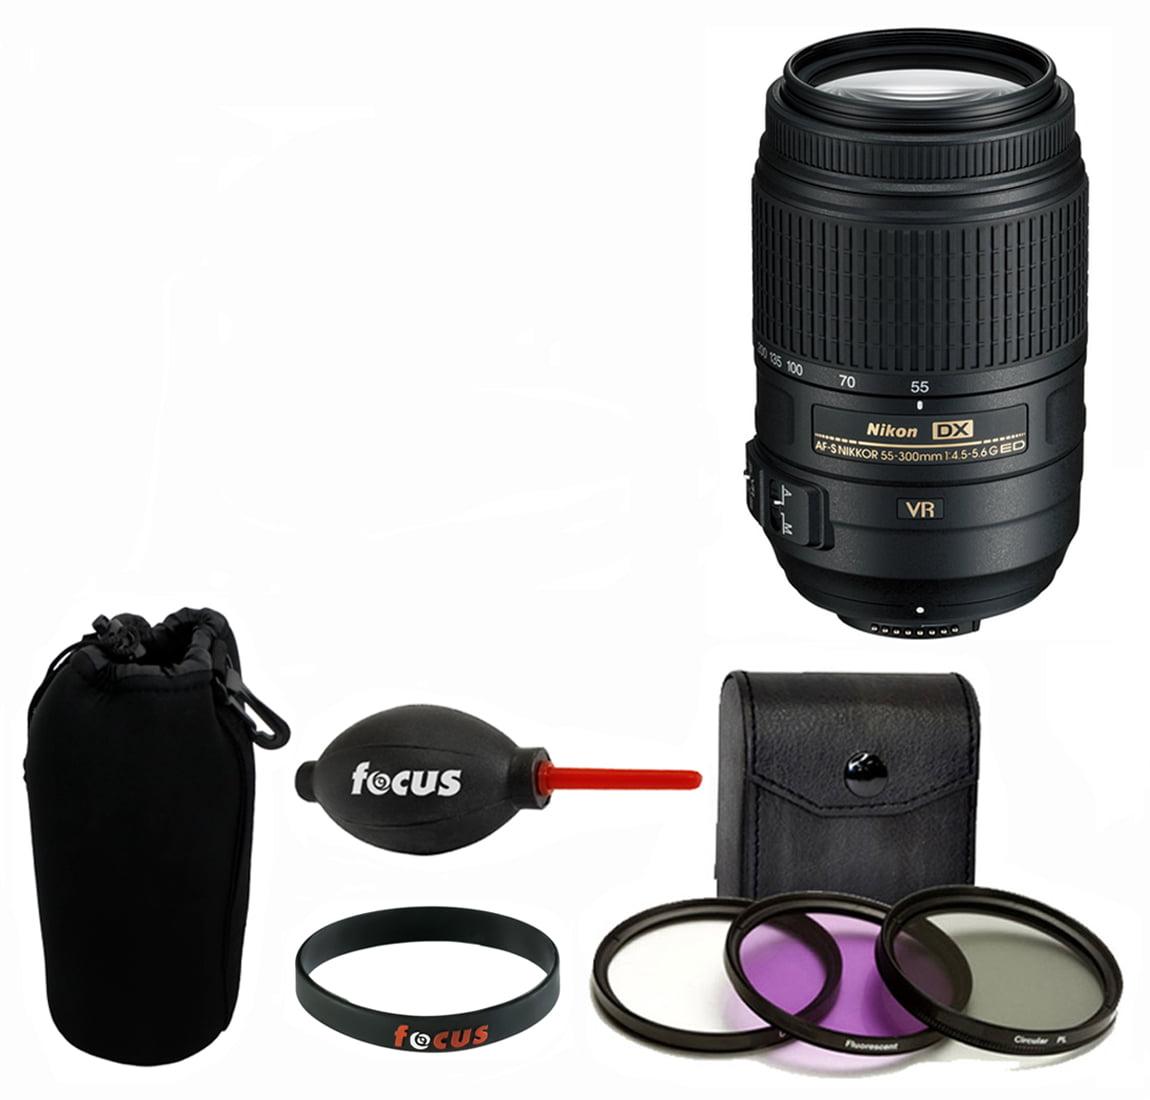 Nikon 55-300MM F/4.5-5.6G ED VR AF-S DX Nikkor Zoom Lens + Deluxe Kit